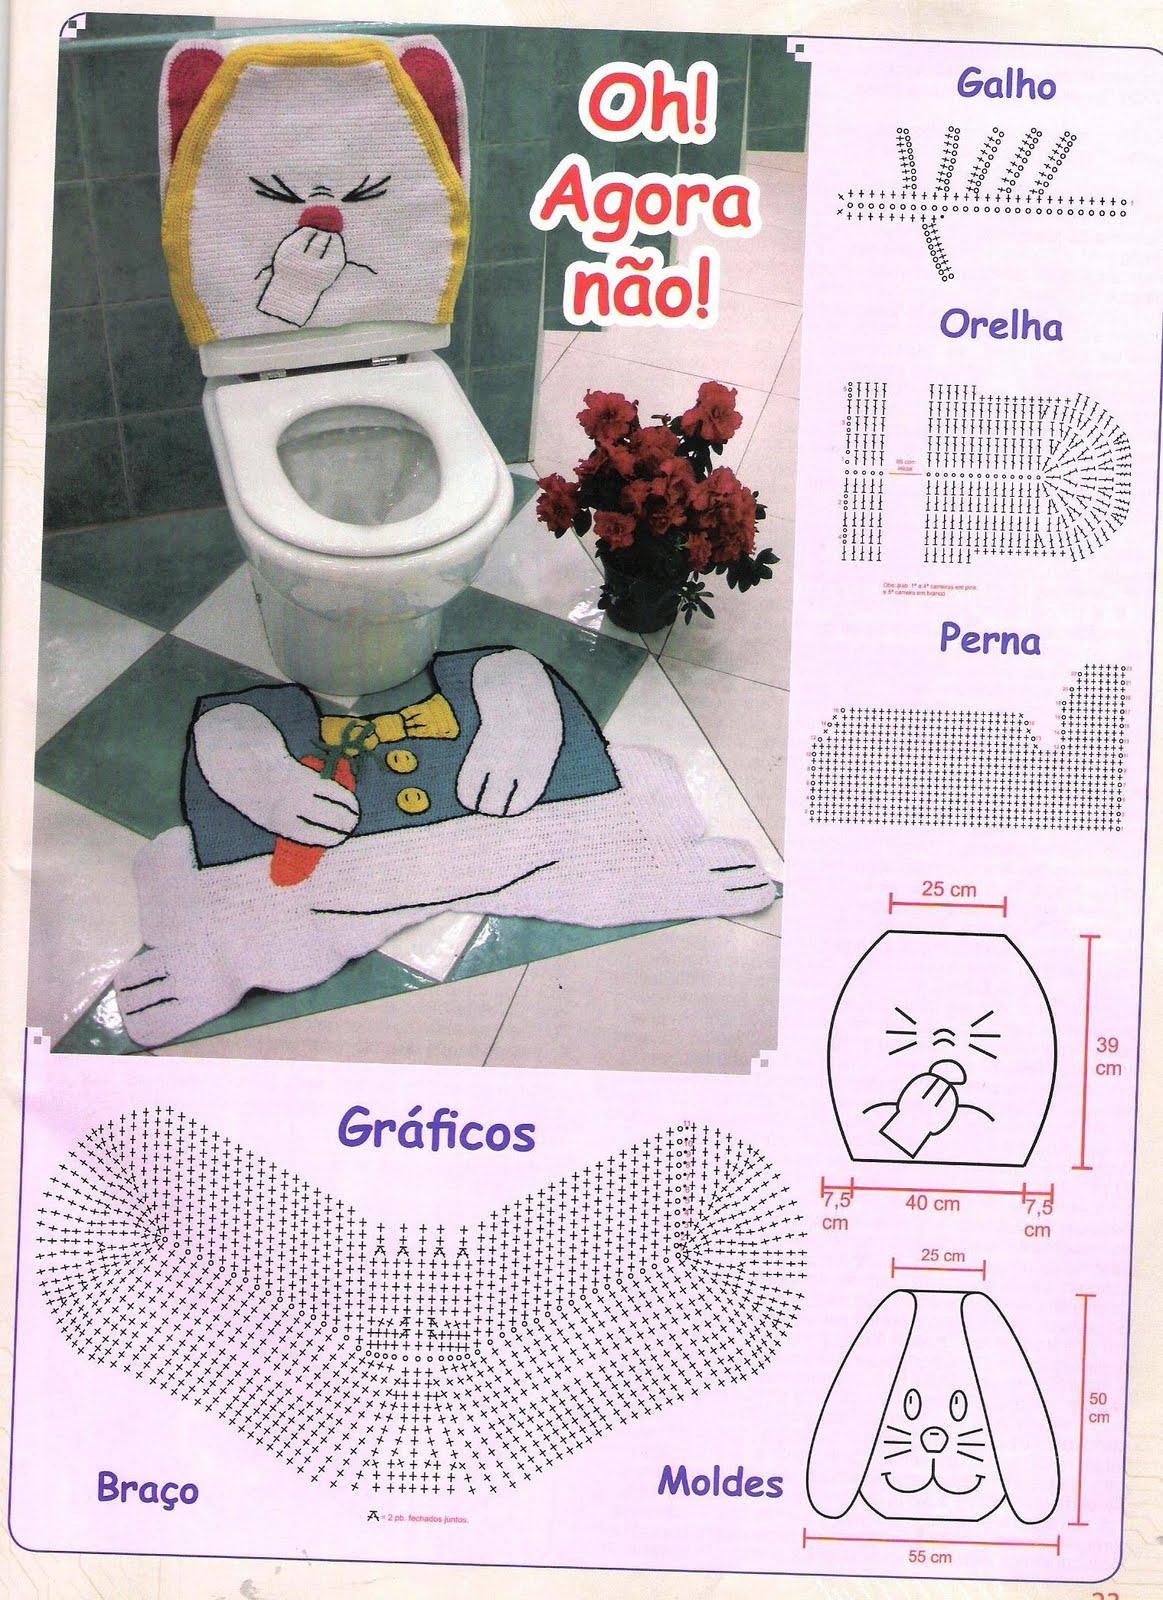 Gazebo das Artes: Jogo de banheiro #7C3335 1163 1600